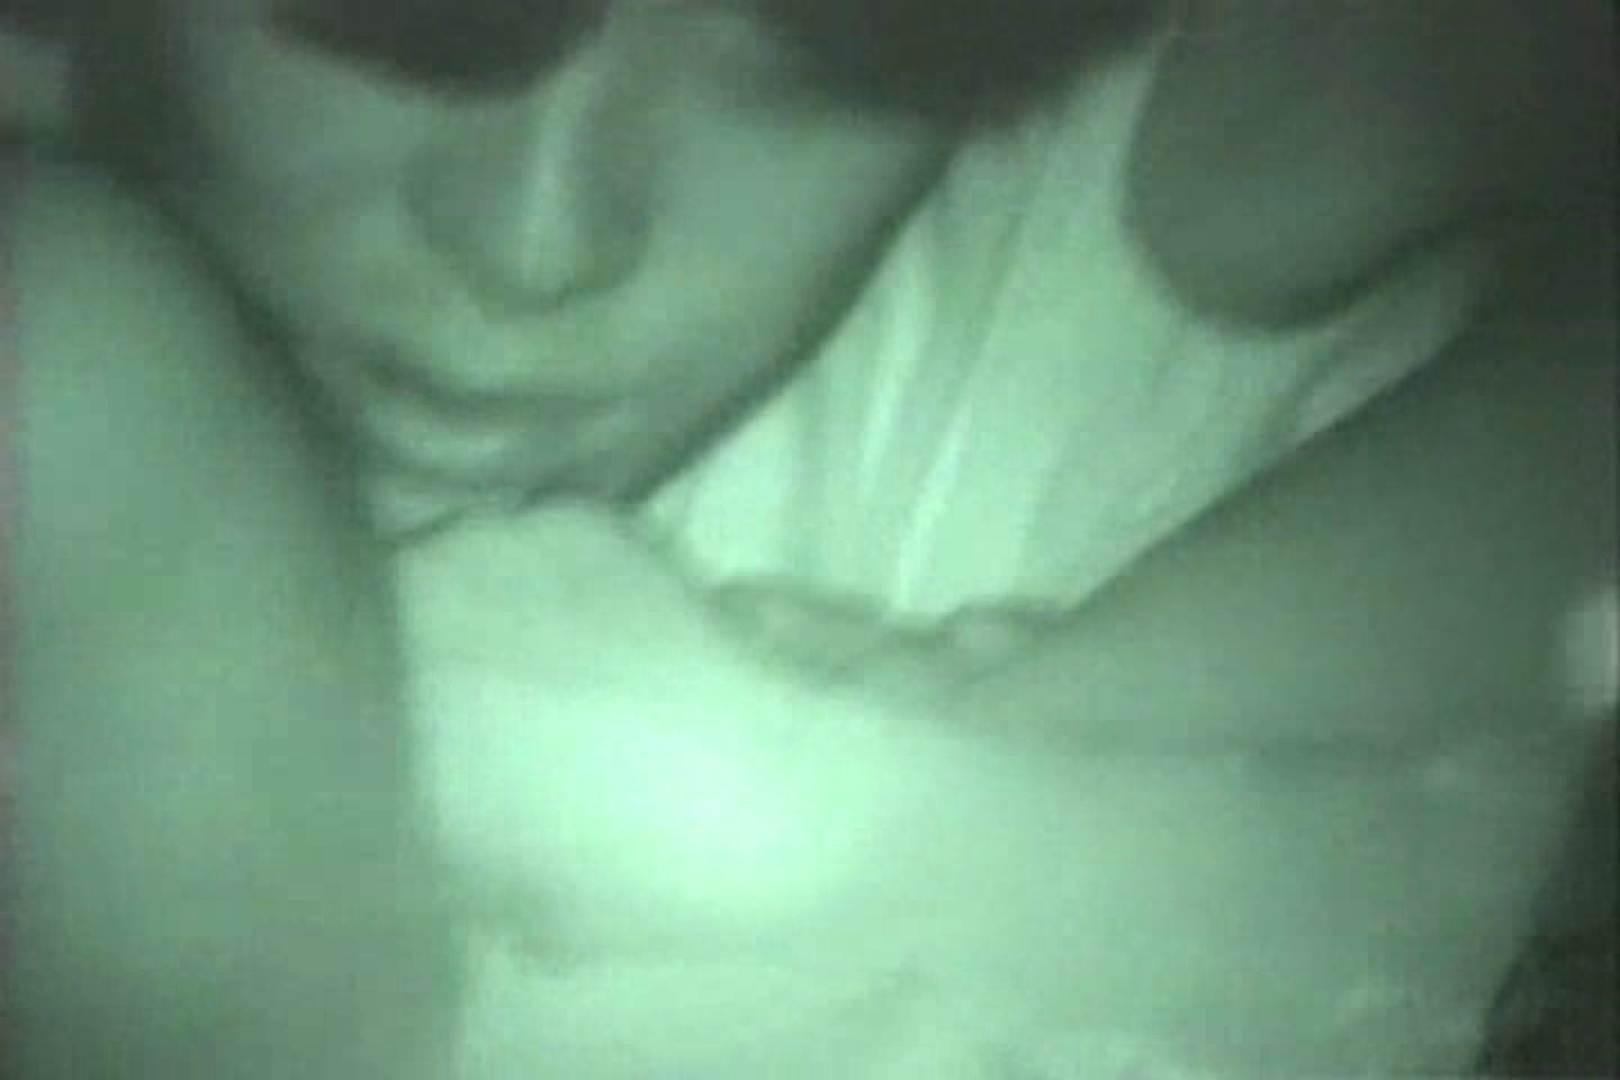 蔵出し!!赤外線カーセックスVol.9 ラブホテル隠し撮り | 赤外線  103pic 57